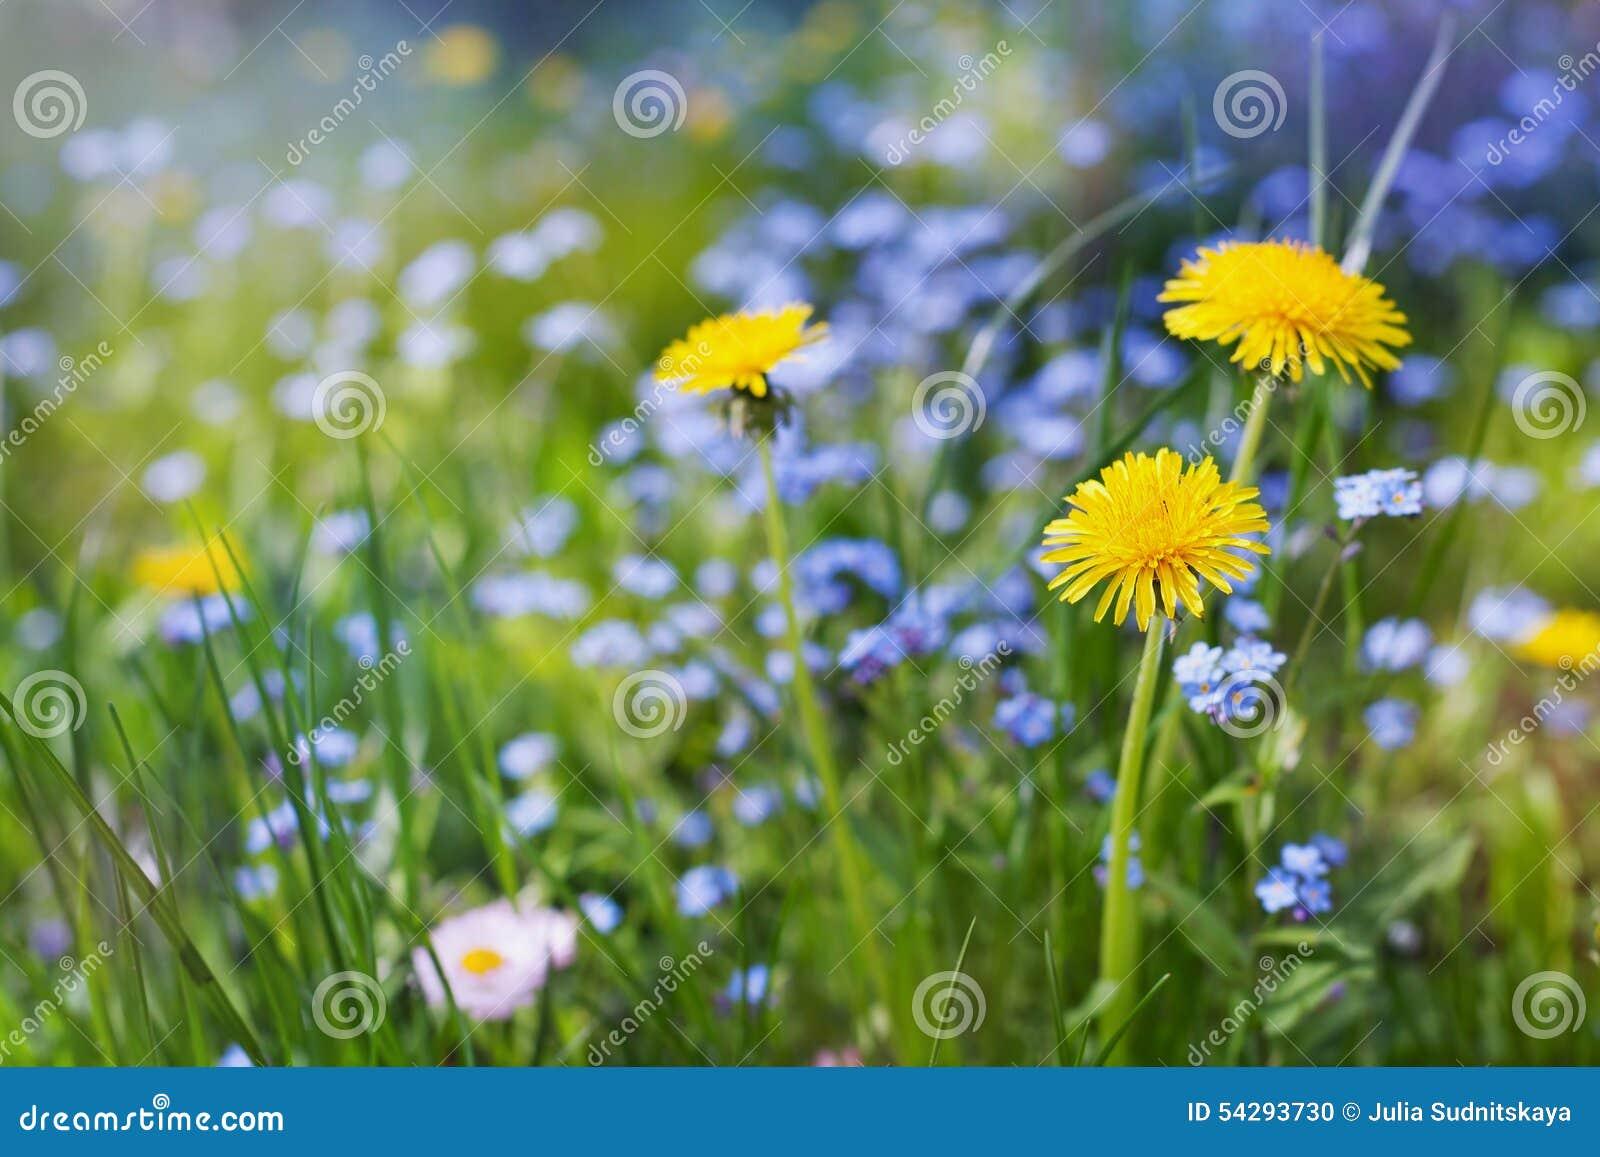 Beau pr d 39 t avec les pissenlits de fleurs et les myosotis des marais beau paysage de nature - Initiatives fleurs et nature ...